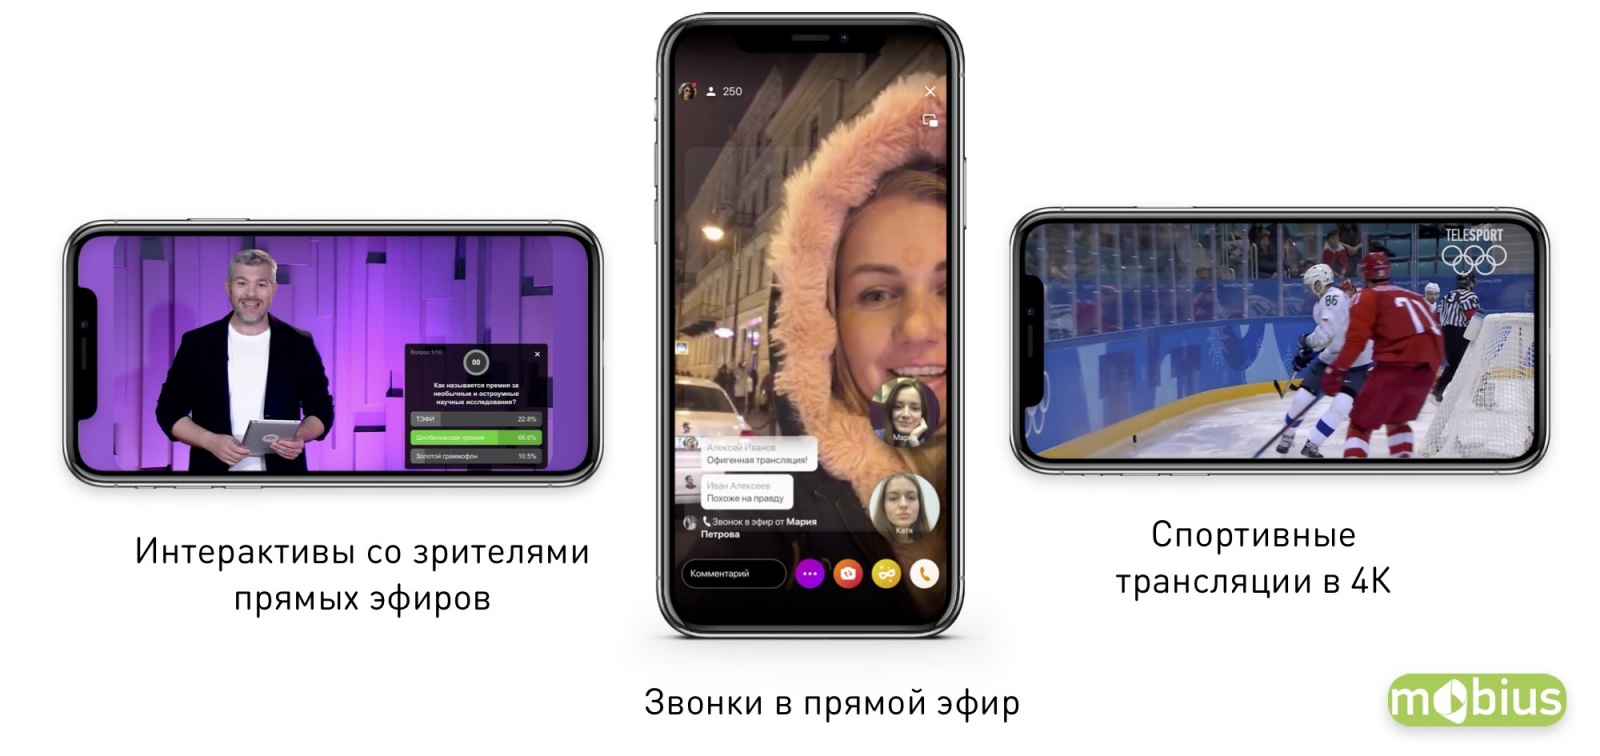 Смотри меня полностью: выжимаем максимум из live video на мобильных платформах - 32